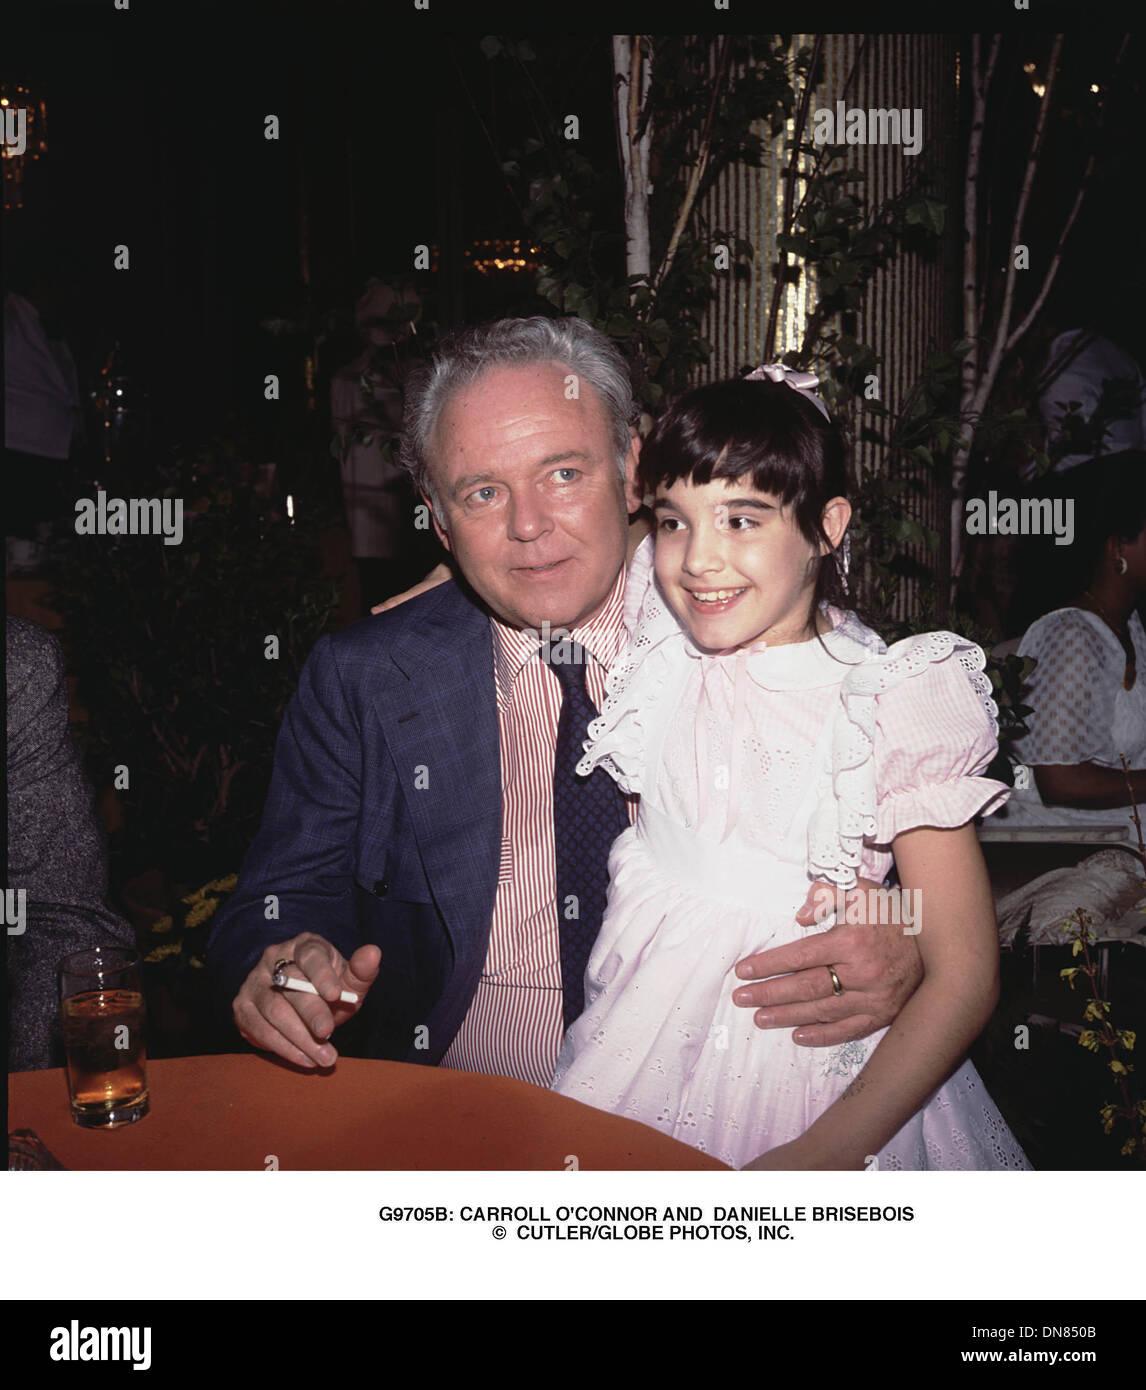 Nadine Lustre (b. 1993) XXX pics Ashley Leggat,Deborah Walley